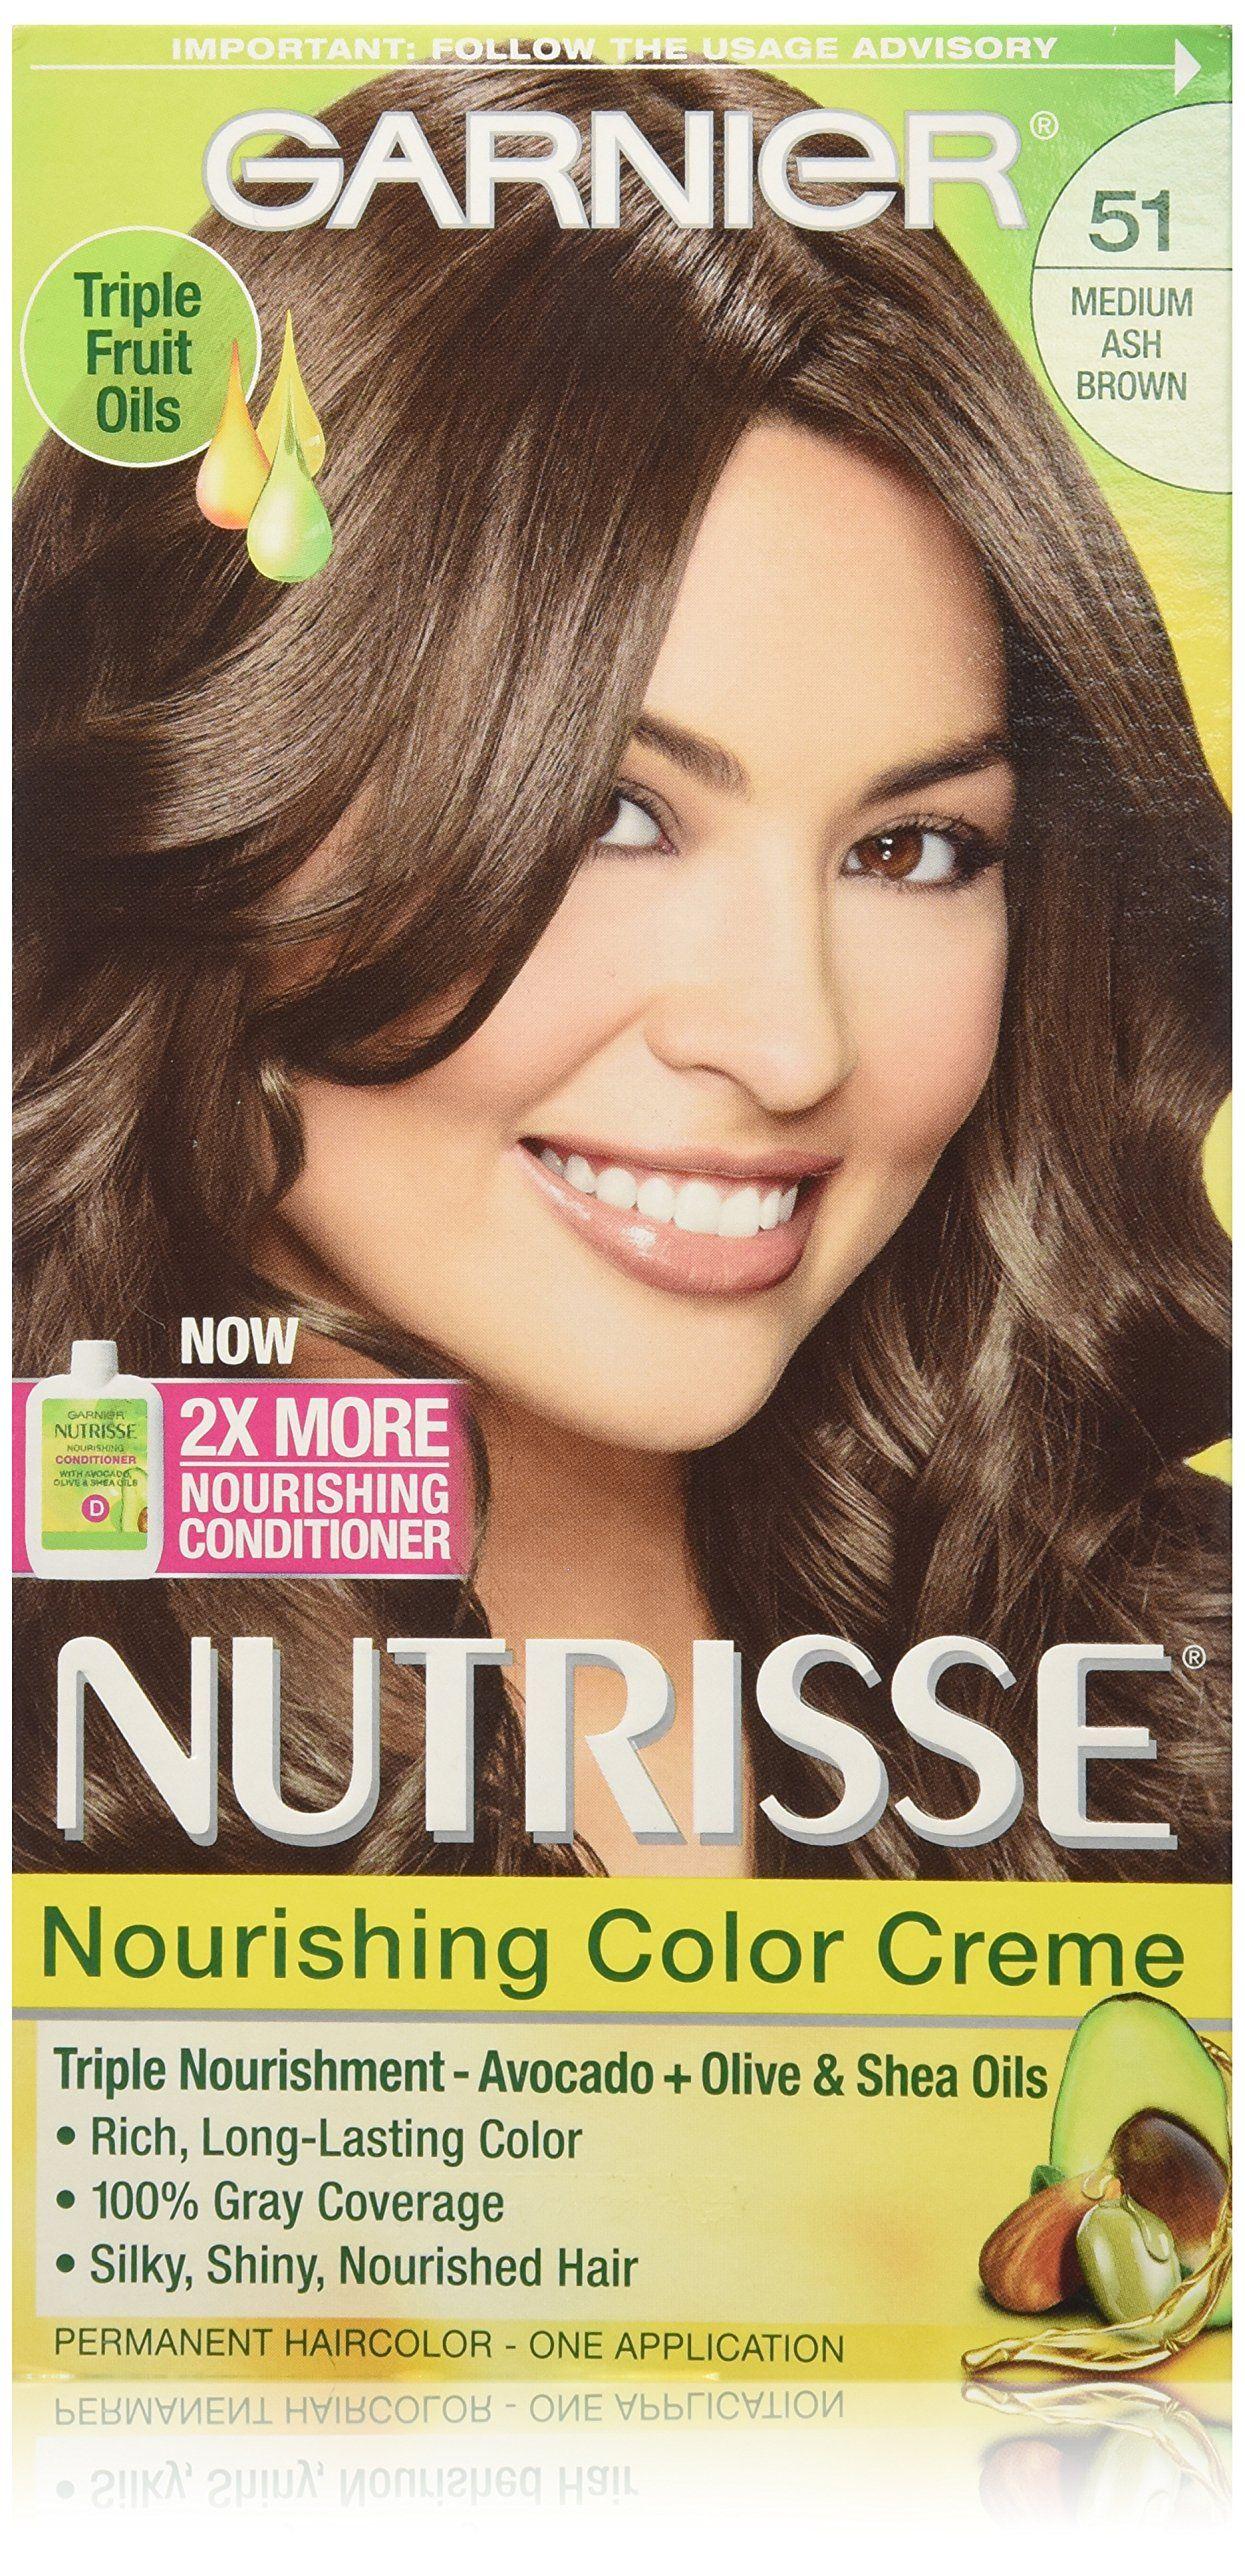 Garnier Nutrisse Nourishing Color Creme 51 Medium Ash Brown Hair